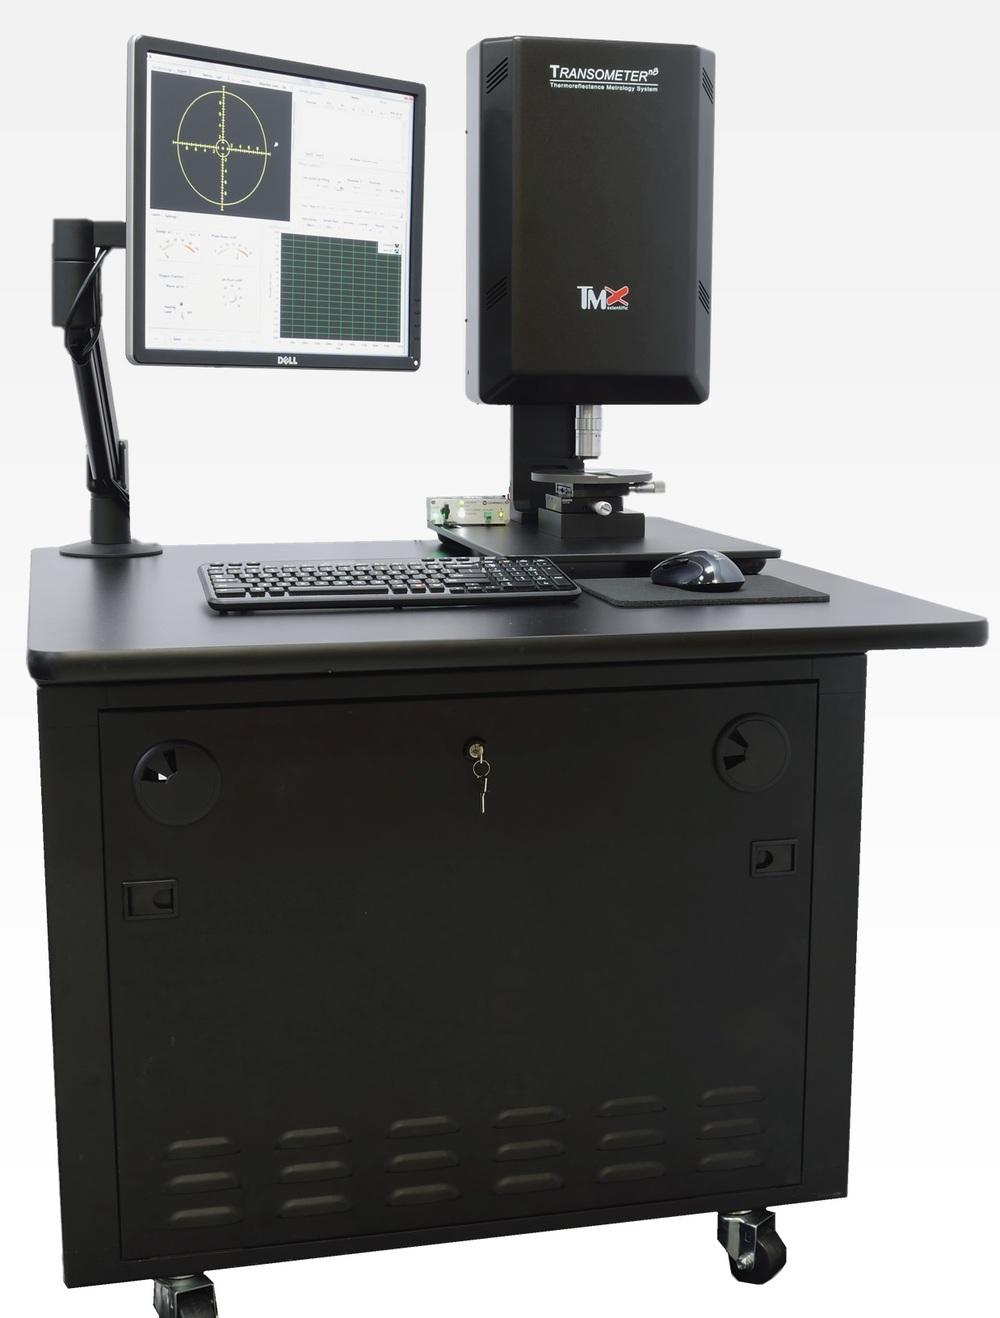 Transometer™ N8 - Full System